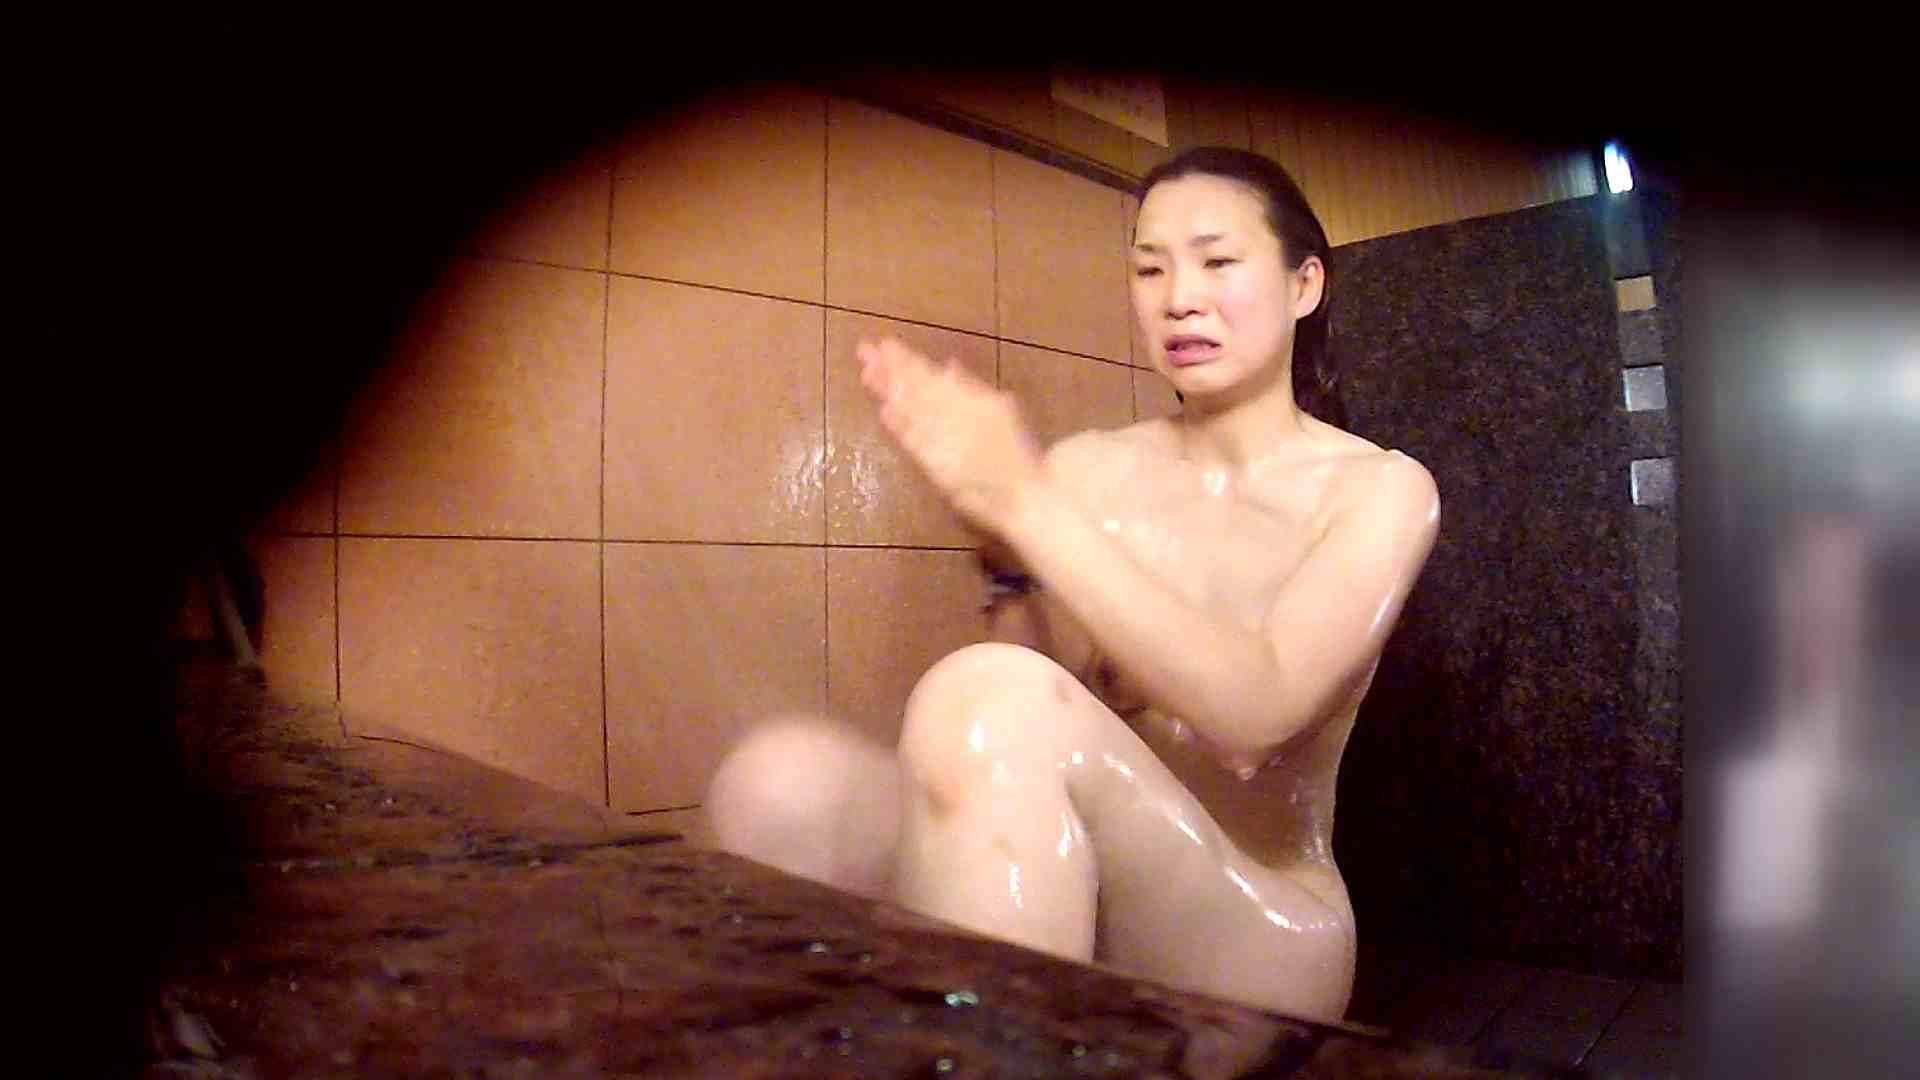 洗い場!マッスルお嬢さん!でもオッパイだけは柔らかそうです。 お姉さん攻略 すけべAV動画紹介 68画像 51